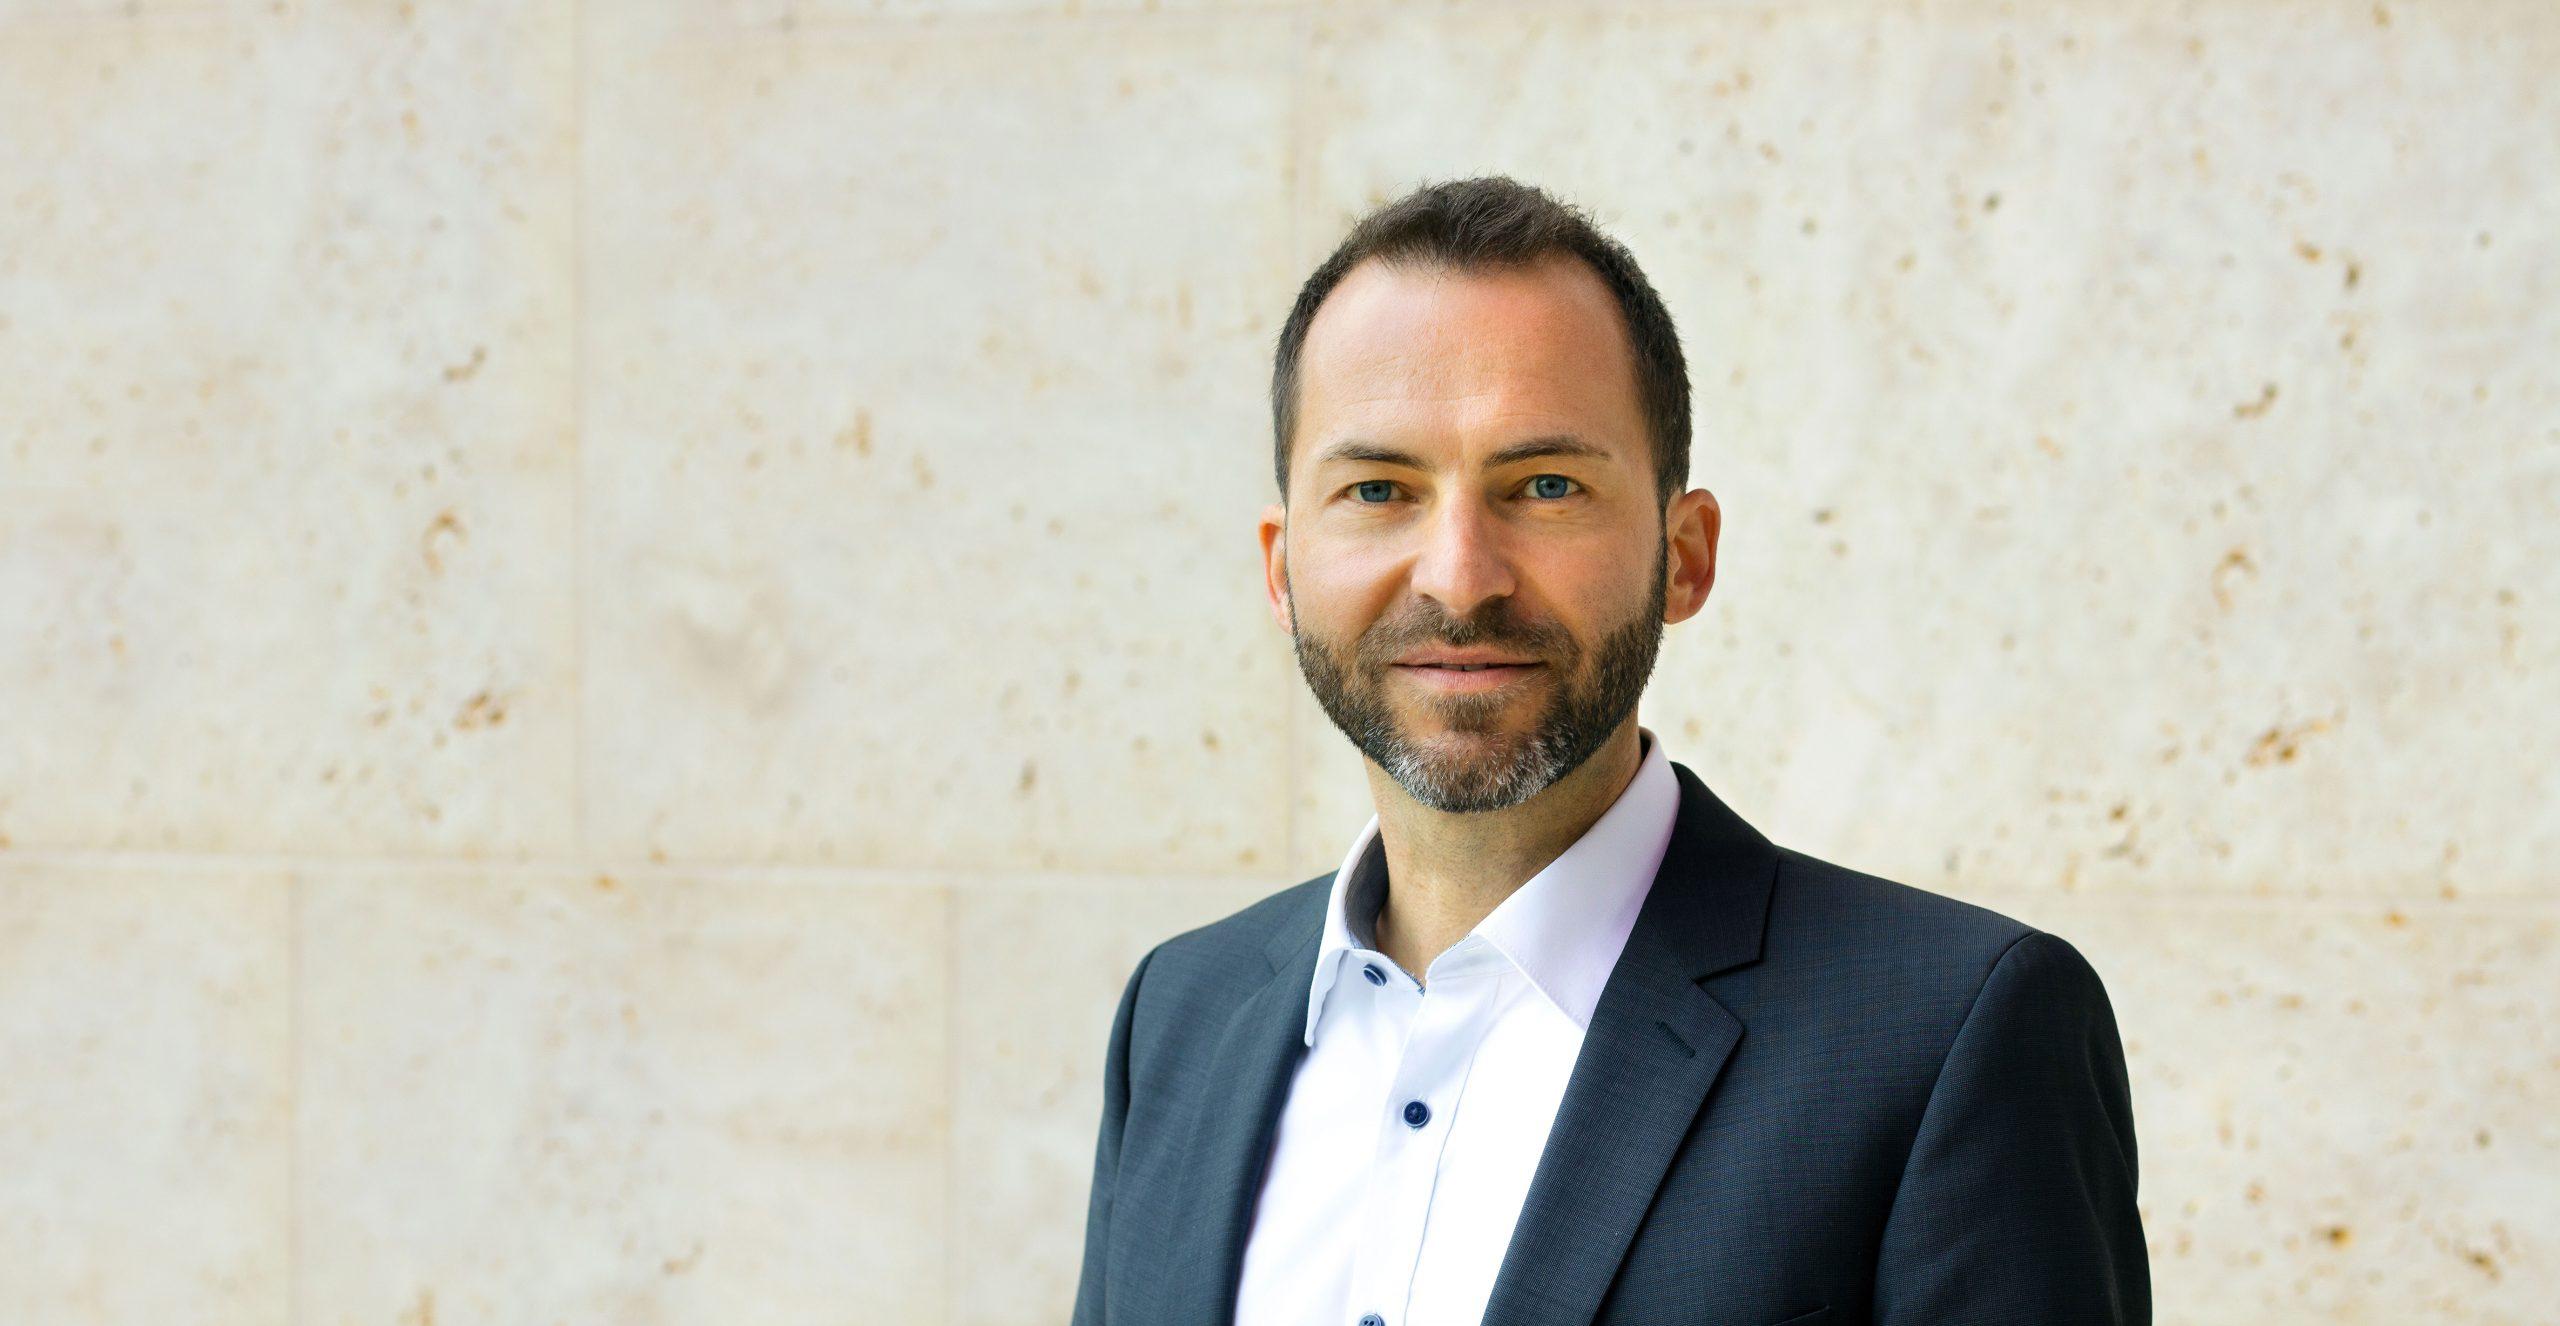 Jochen Stein